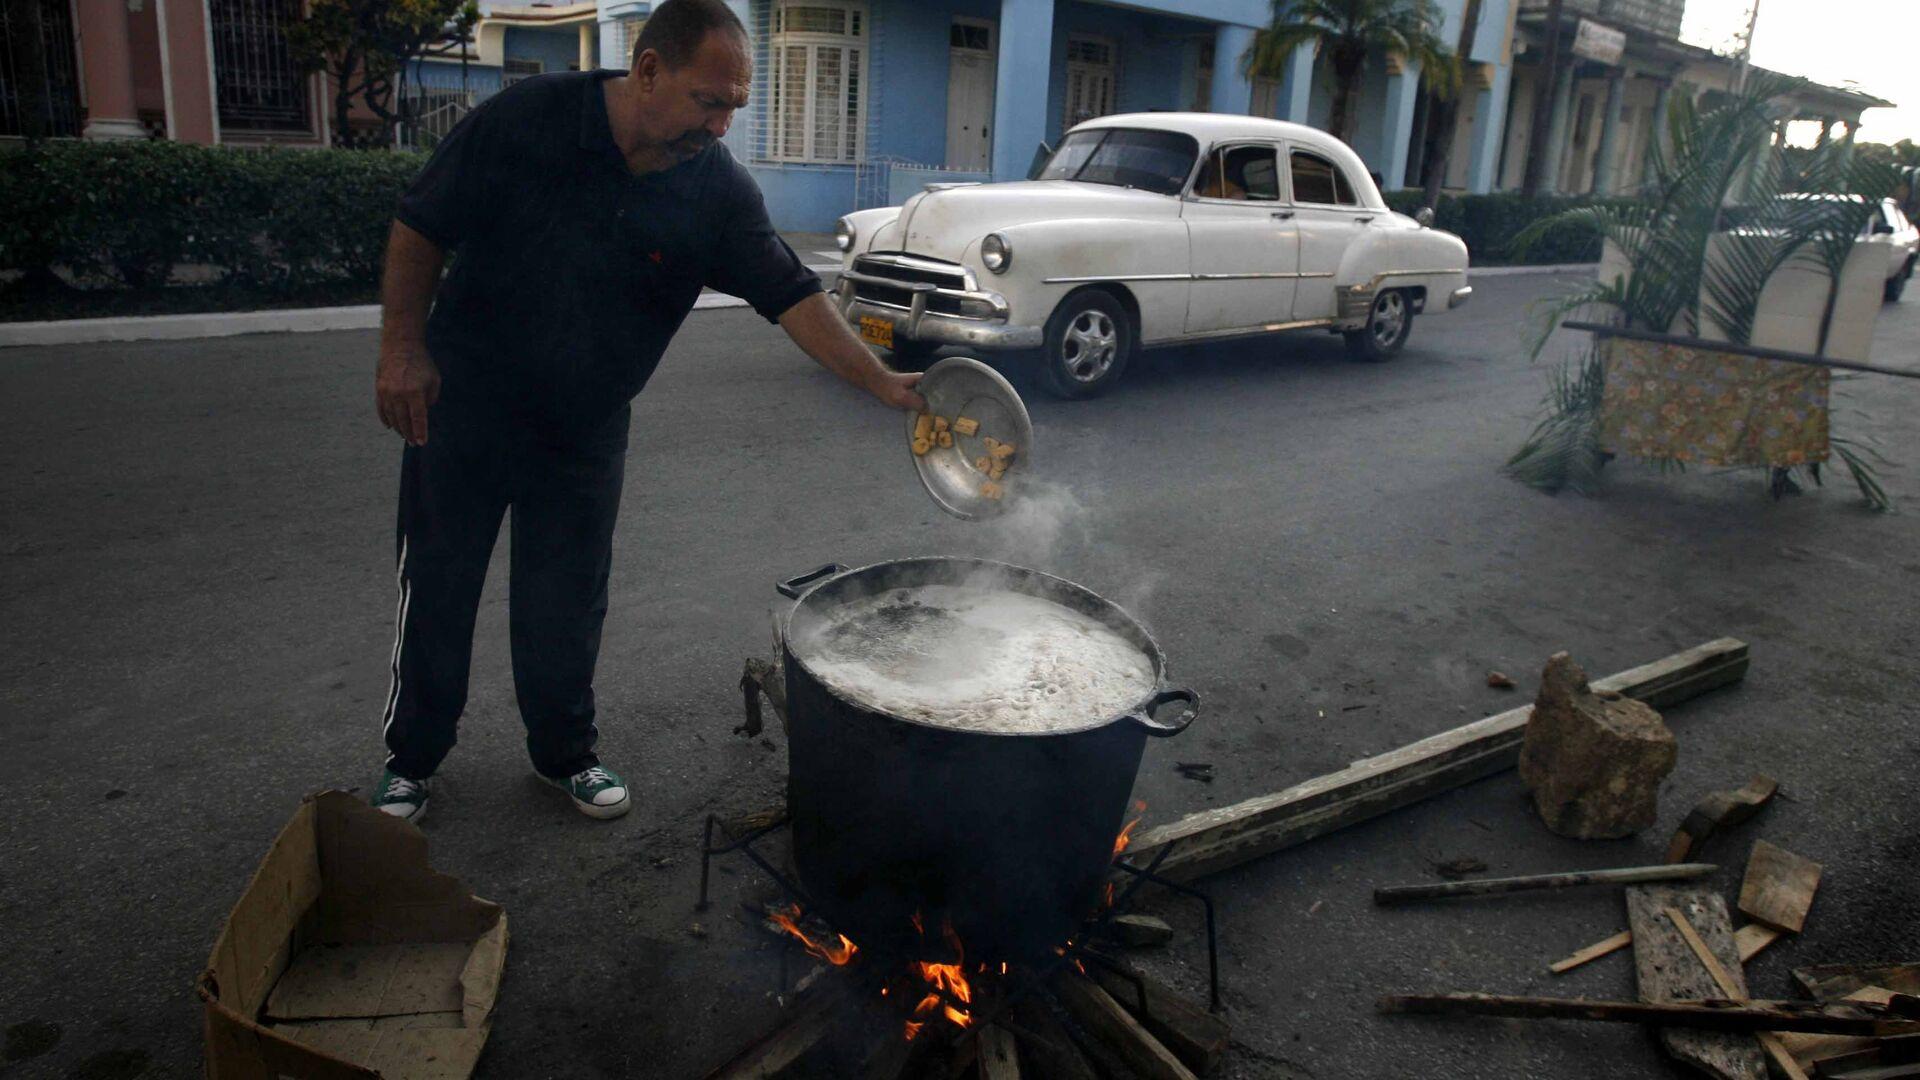 Un hombre prepara caldosa en la calle por el Aniversario de los CDR en Cuba - Sputnik Mundo, 1920, 28.09.2021